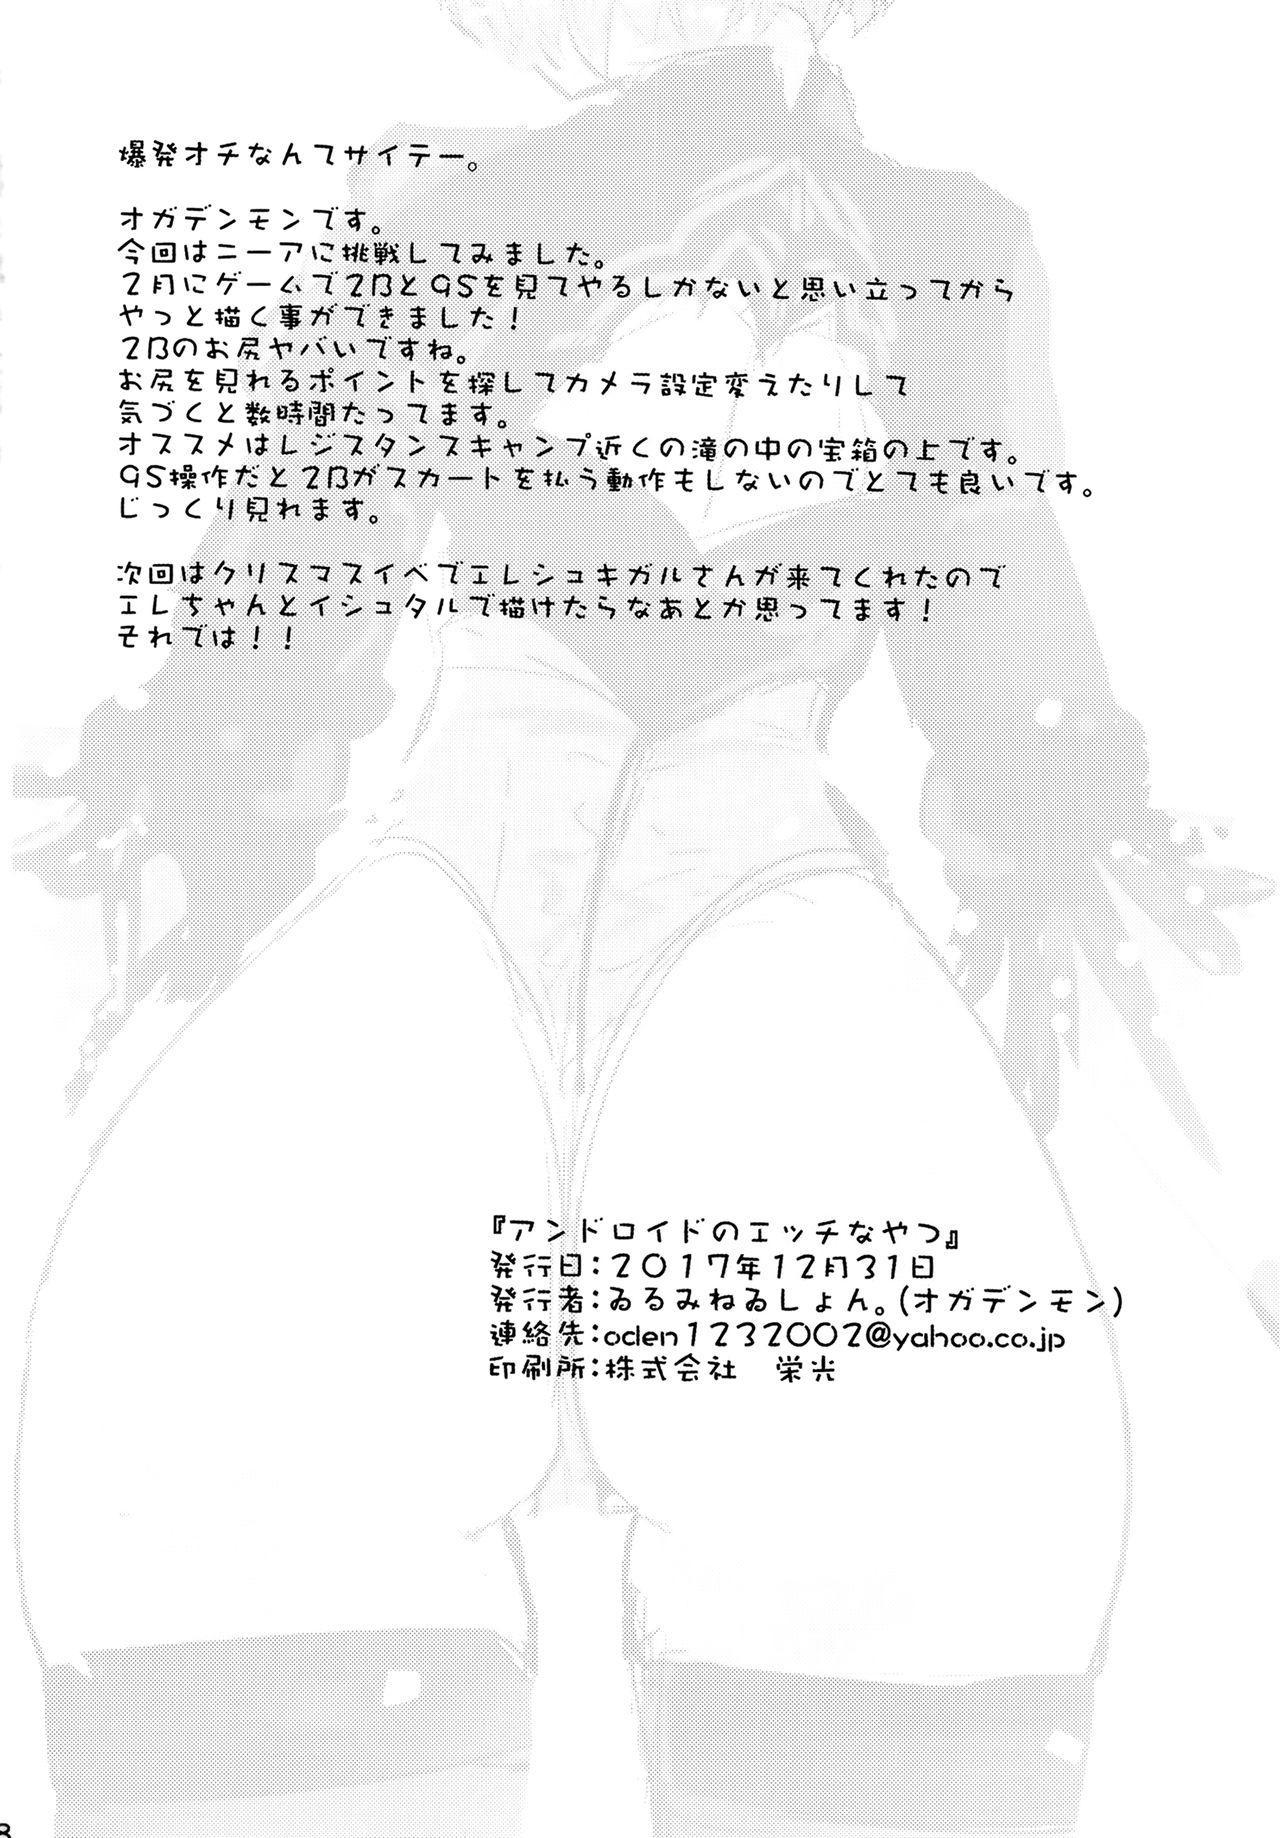 Android no Ecchi na Yatsu | Horny Androids 28